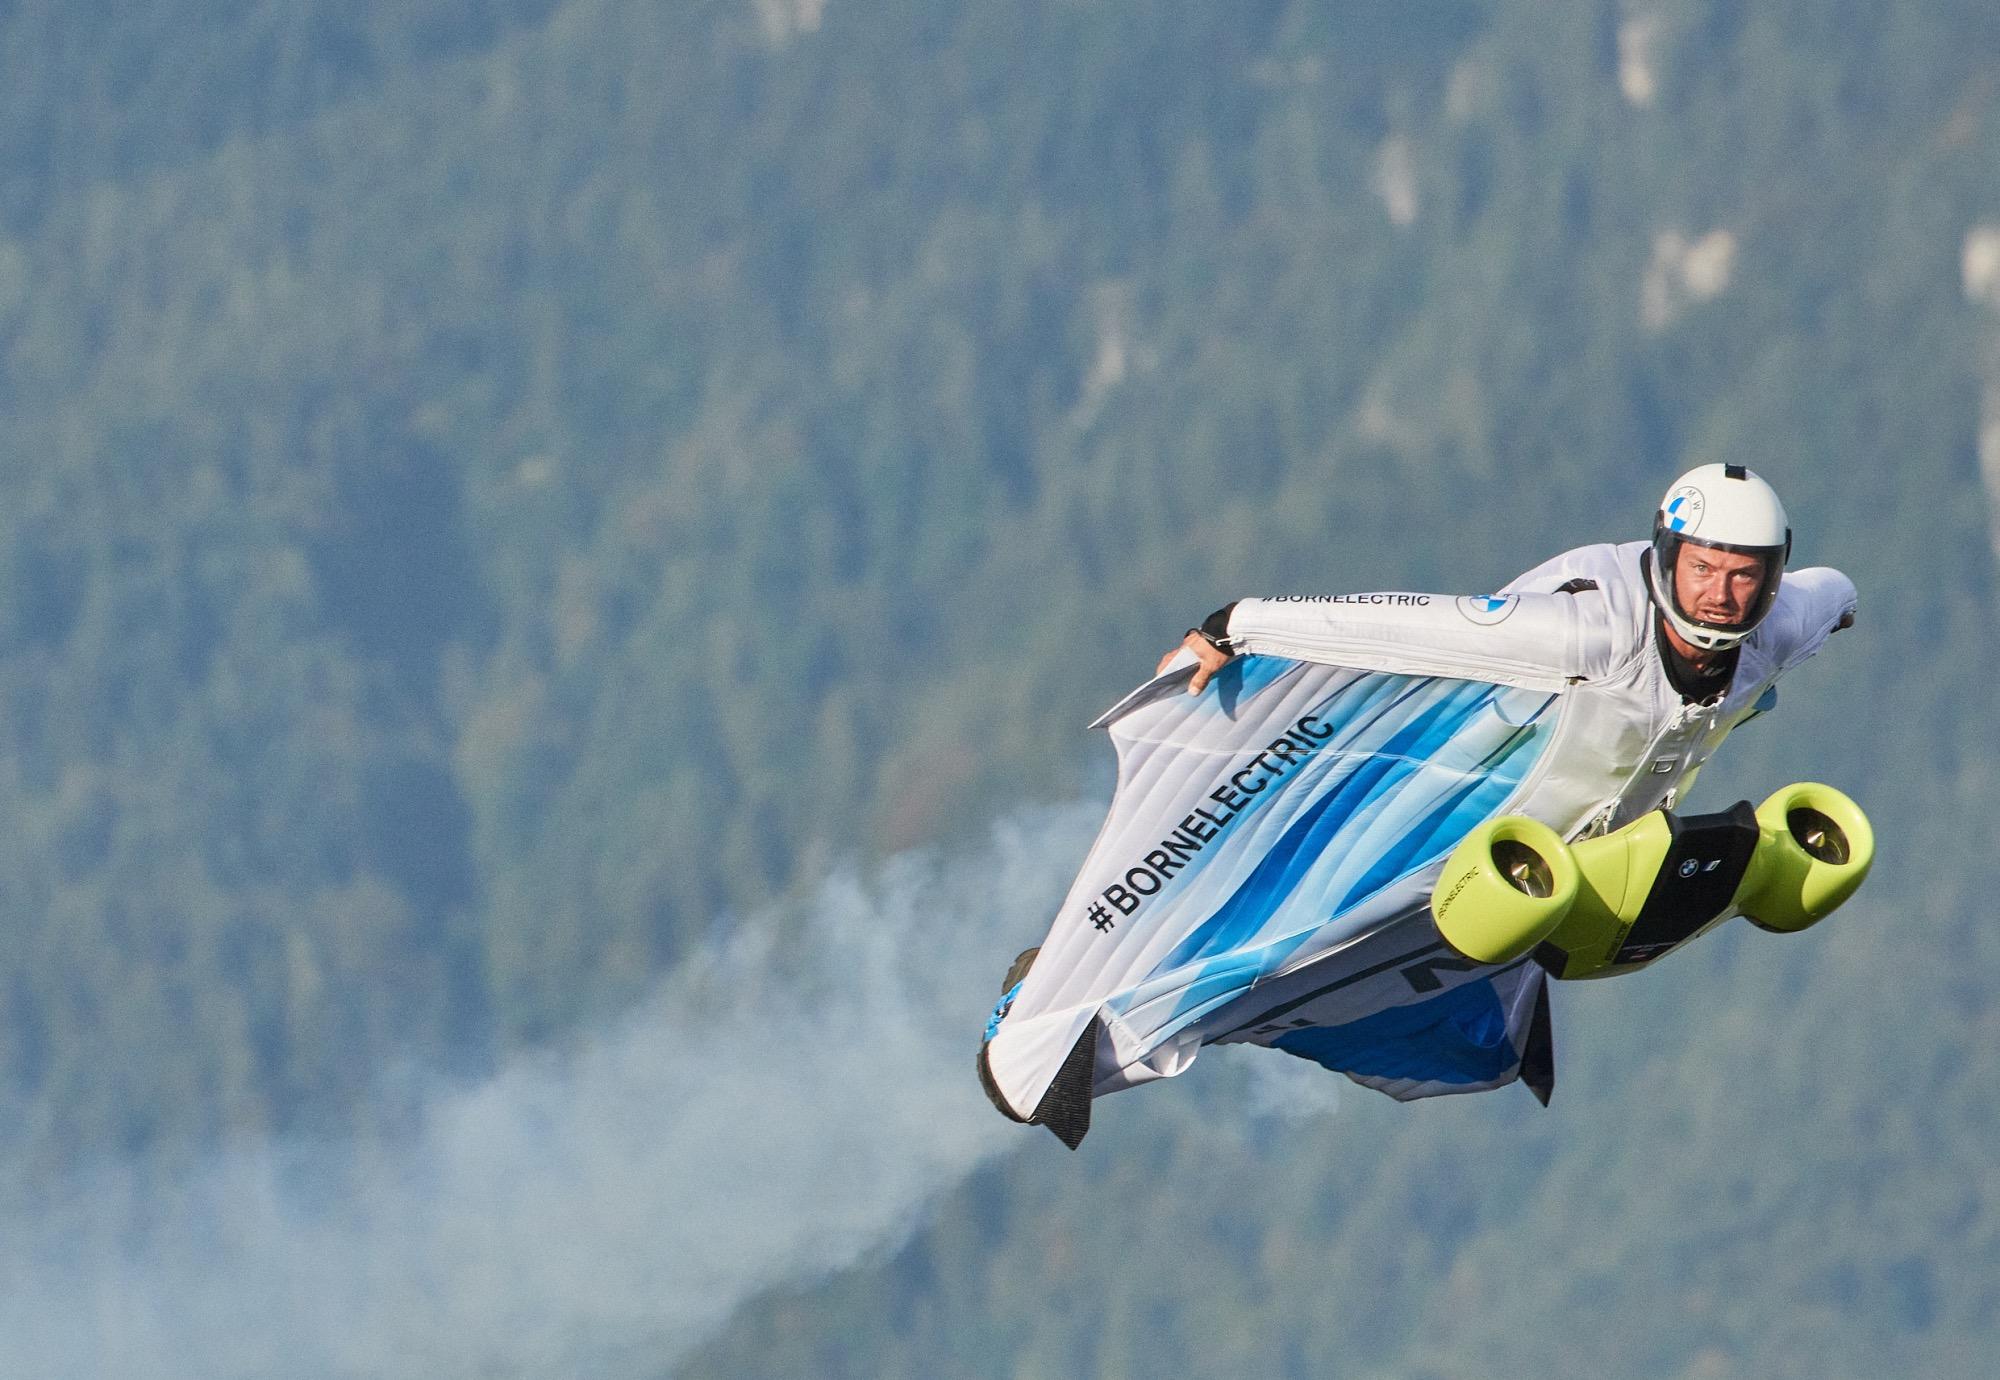 Το ηλεκτρικό φτερά της BMW i υπόσχεται πτήσεις με ταχύτητα 300 km / h [video]